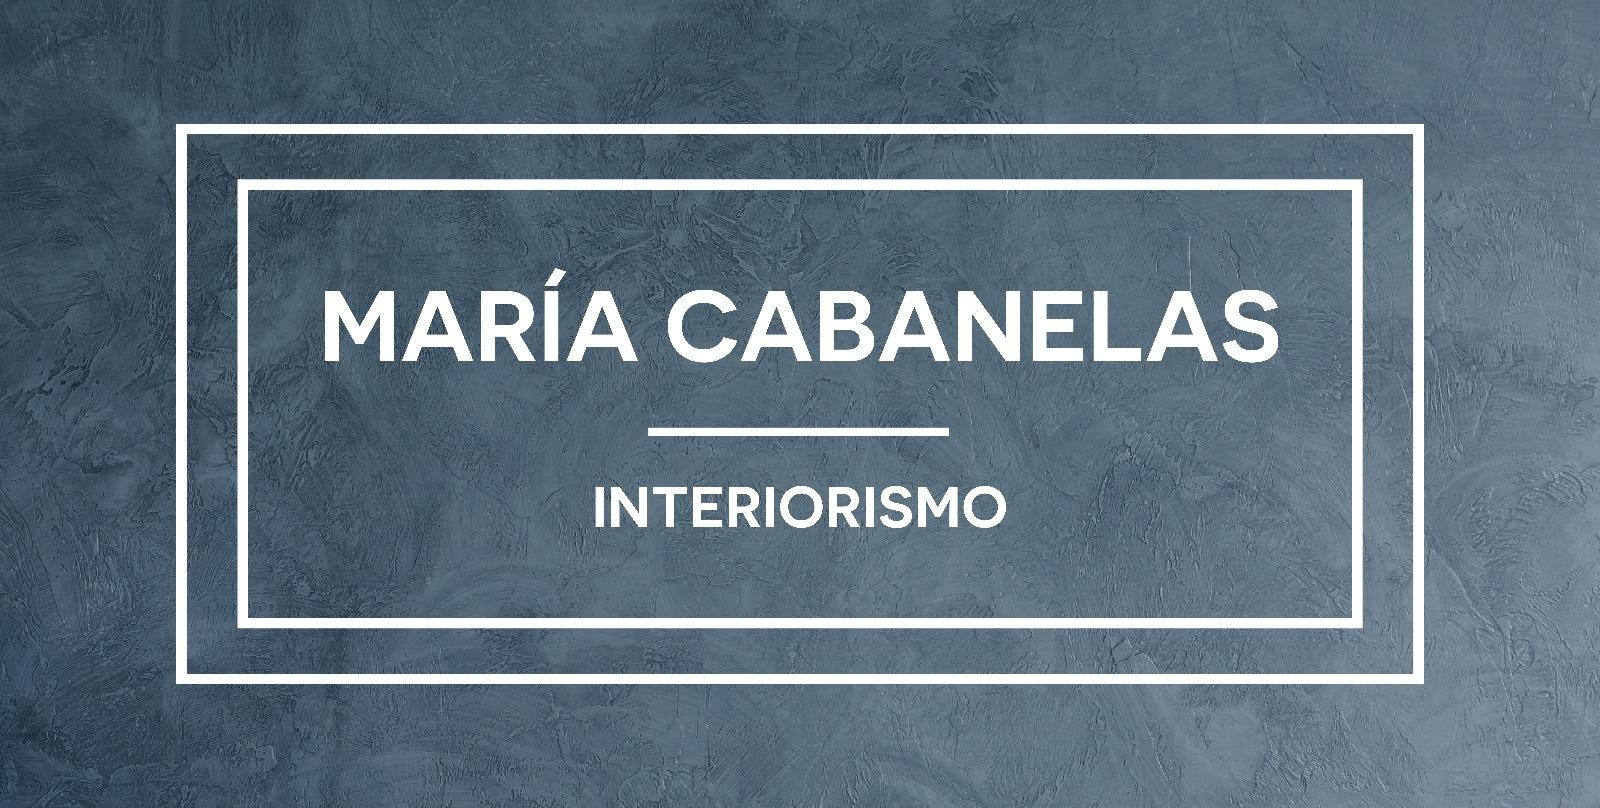 Maria Cabanelas